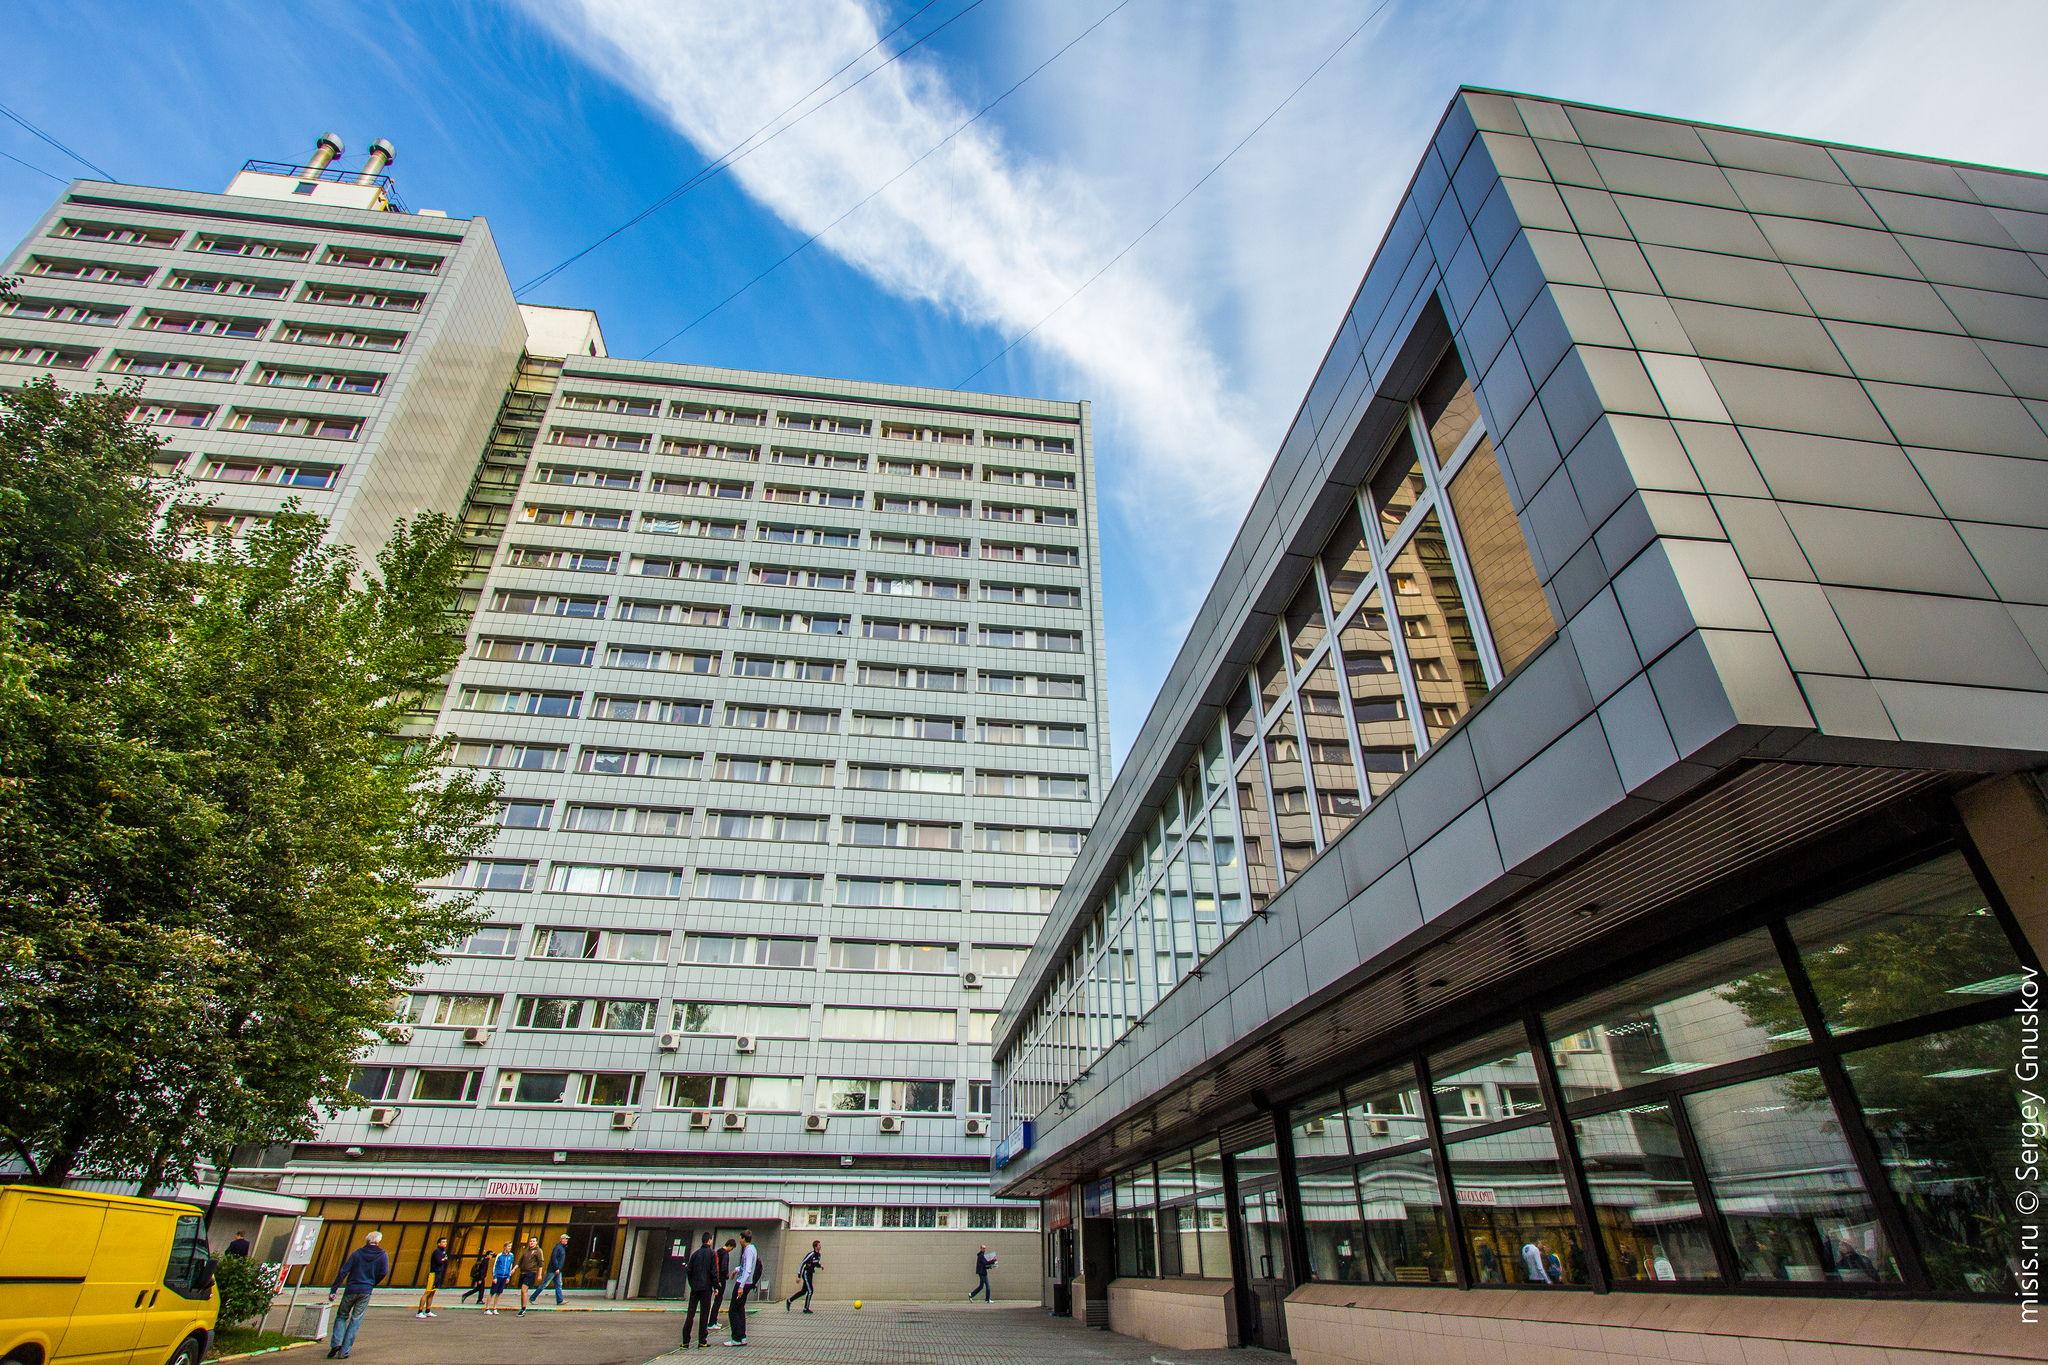 Университеты для будущей элиты. 100 лучших вузов России в 2019 году по версии Forbes